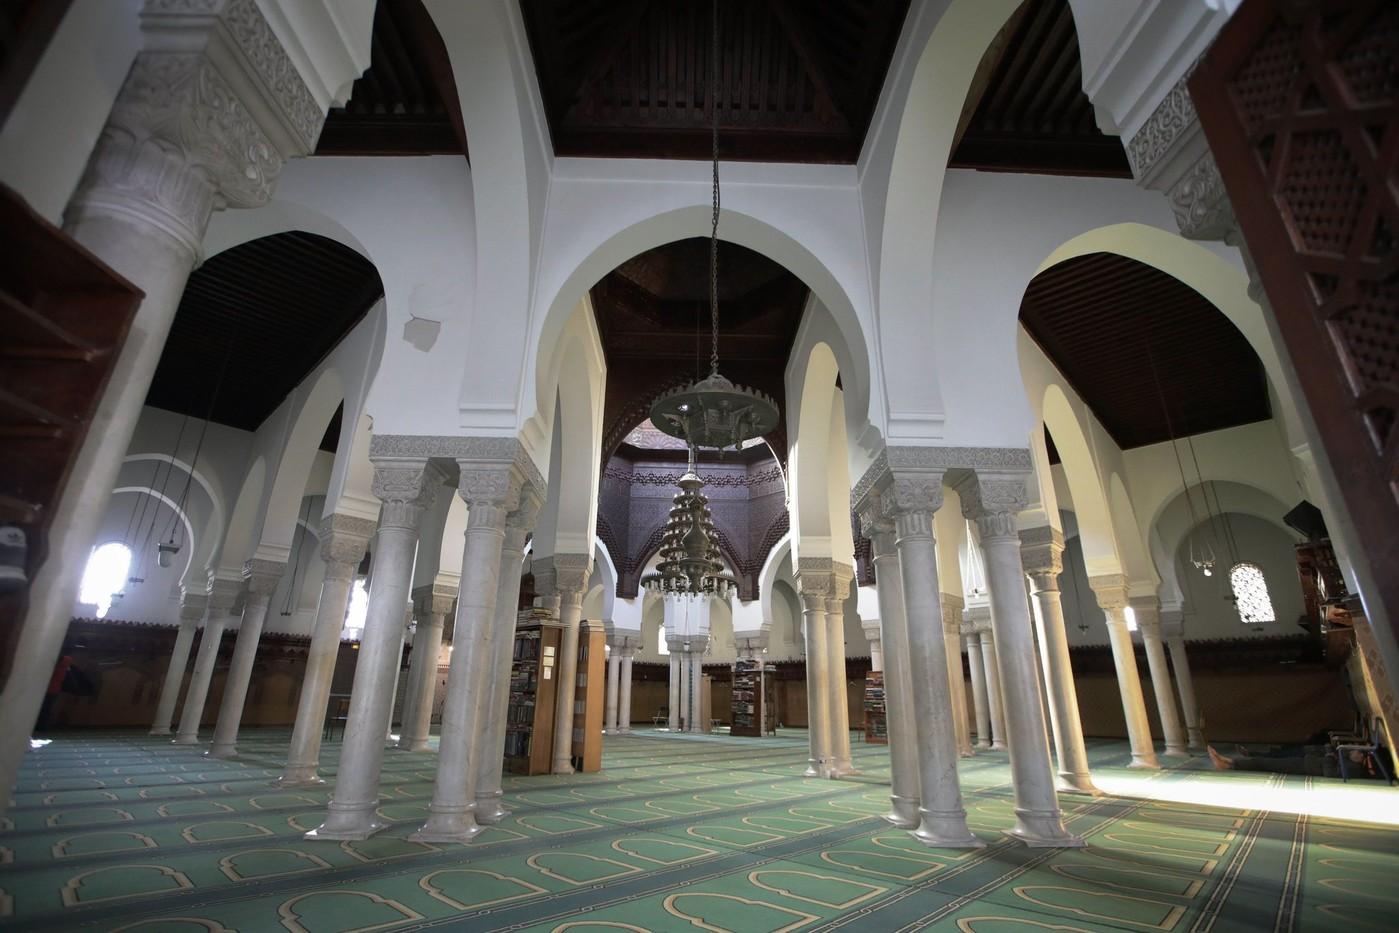 Ouverture des mosquées : Quand les imams défient l'autorité de l'Etat